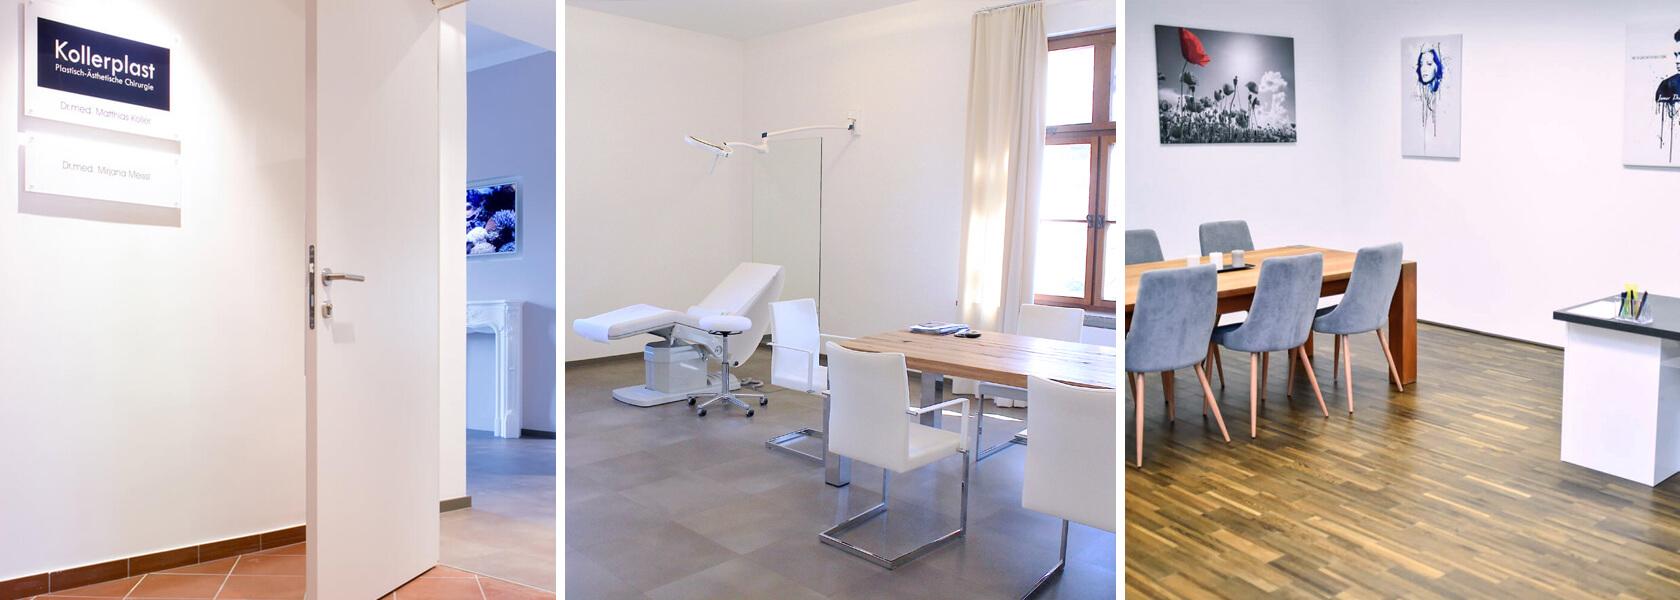 Ordination Plastischer Chirurg Linz, Ordination Mozartstrasse Chirurg